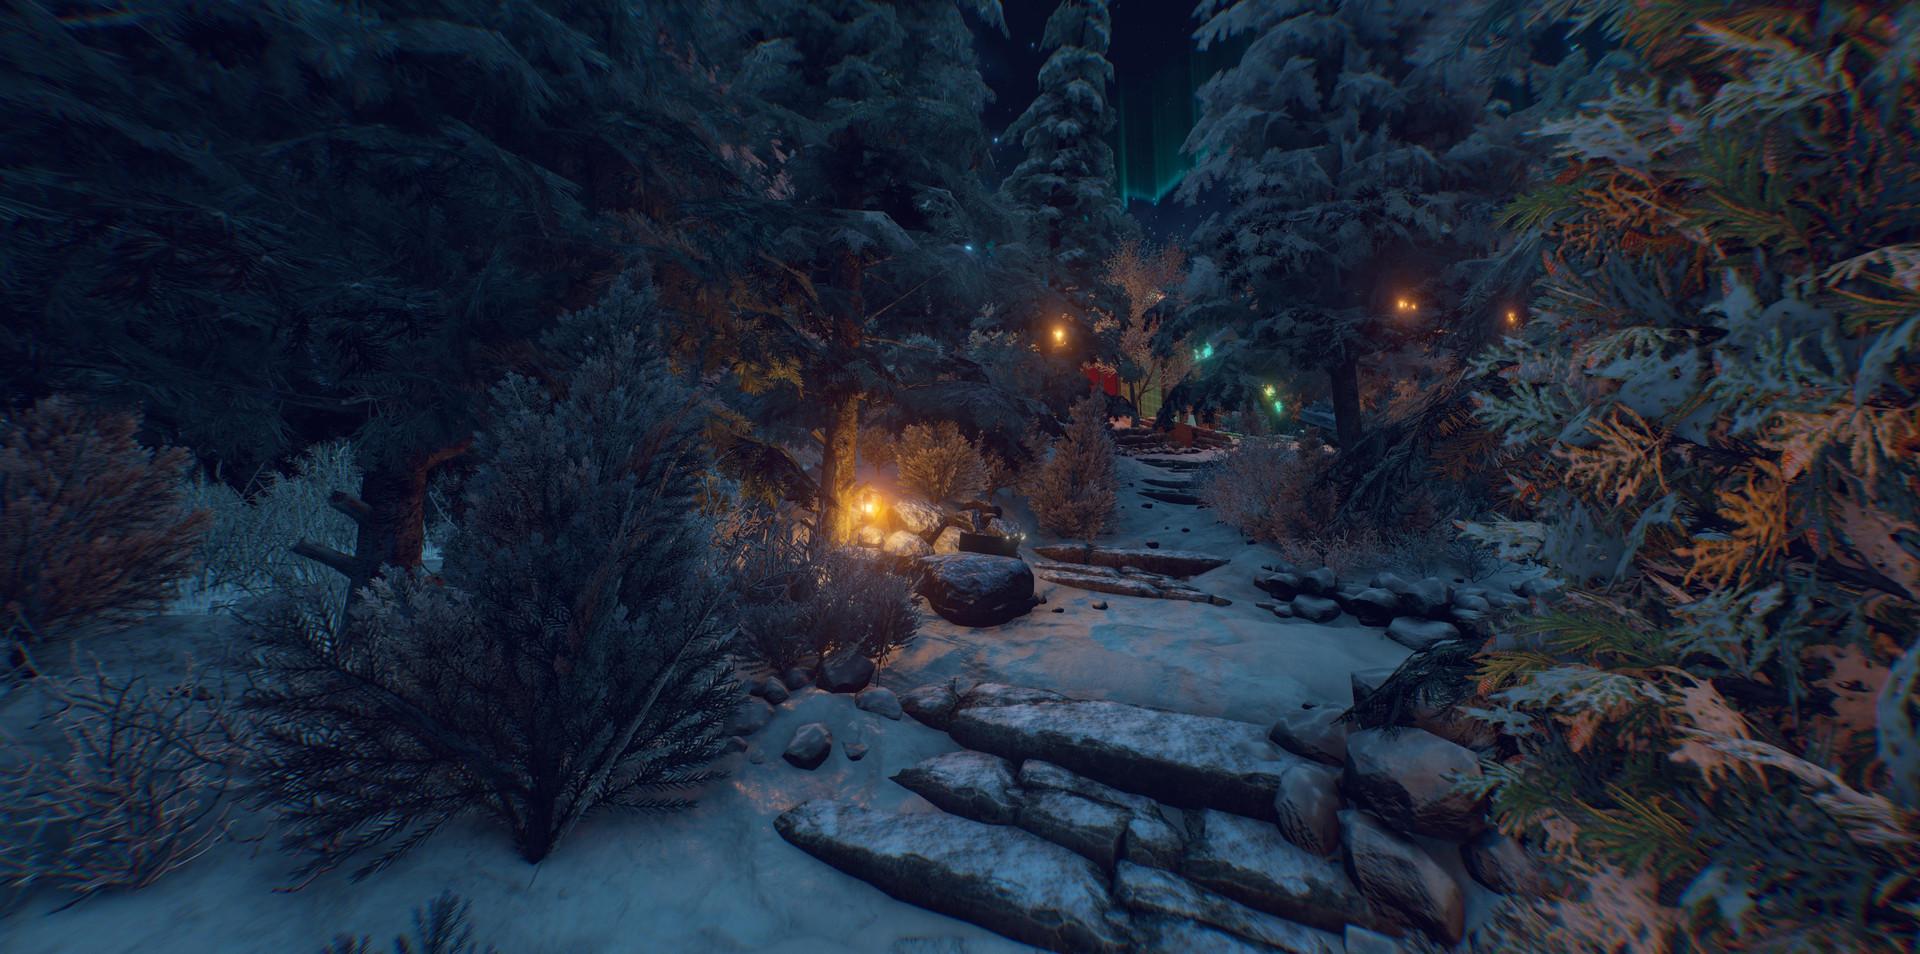 ER_Christmas_2.jpg